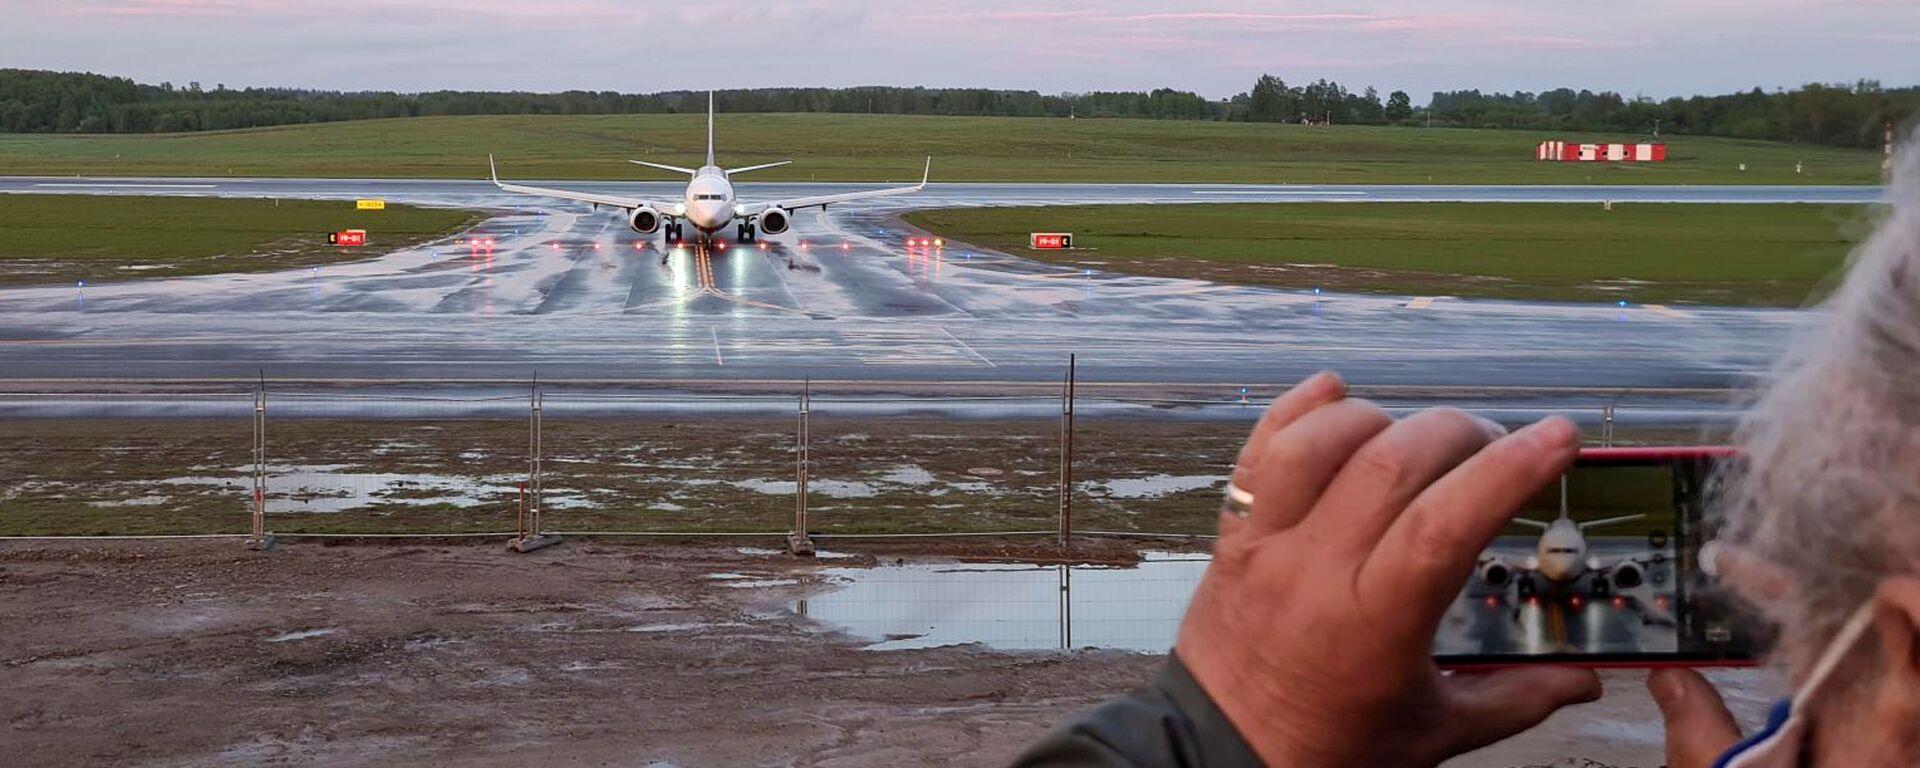 Samolot linii lotniczej Ryanair na lotnisku w Wilnie - Sputnik Polska, 1920, 25.06.2021